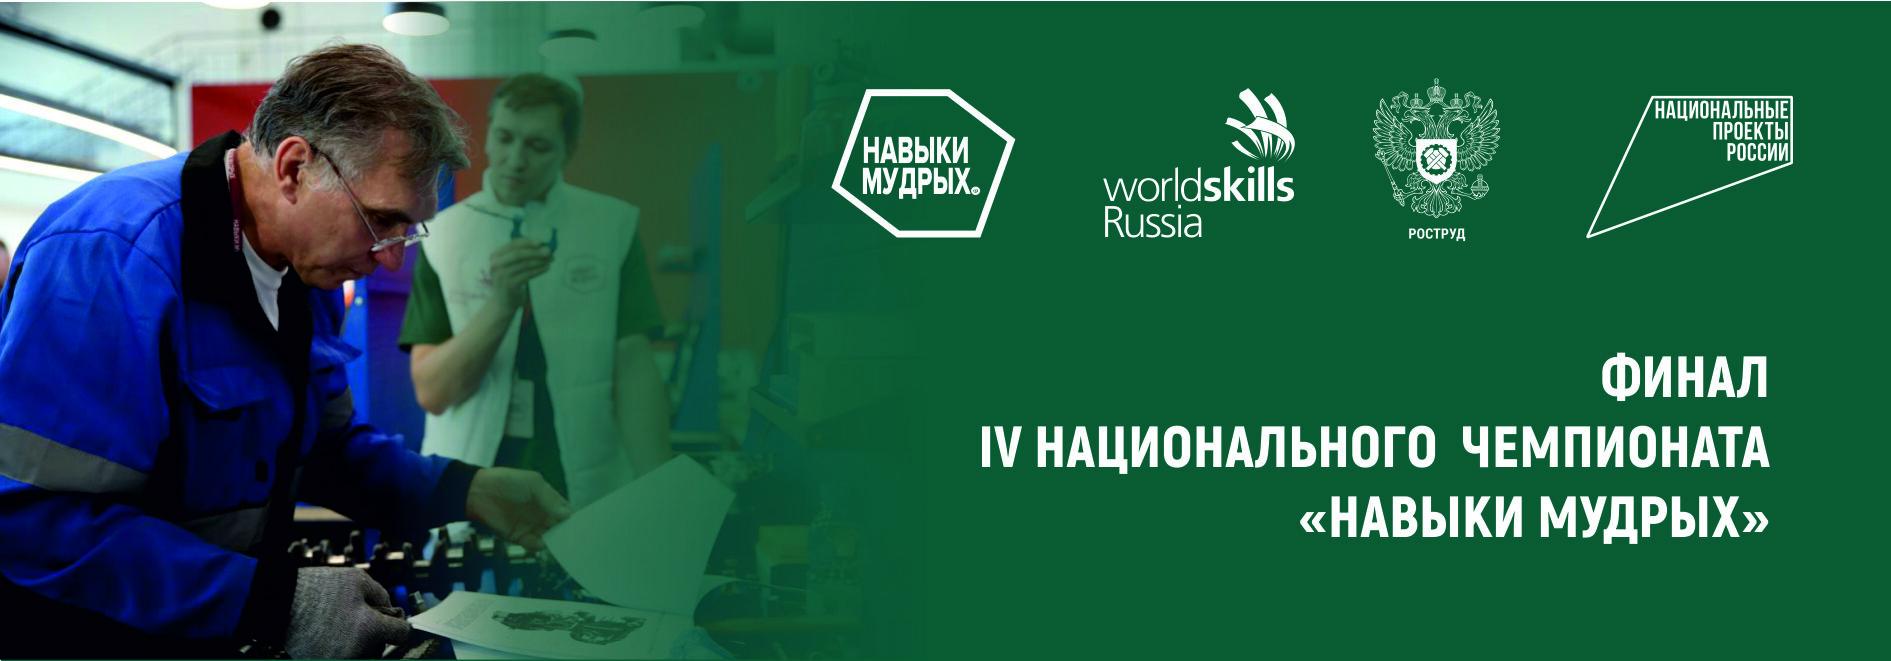 Финала IV Национального чемпионата «Навыки мудрых» стартовал в Новосибирске